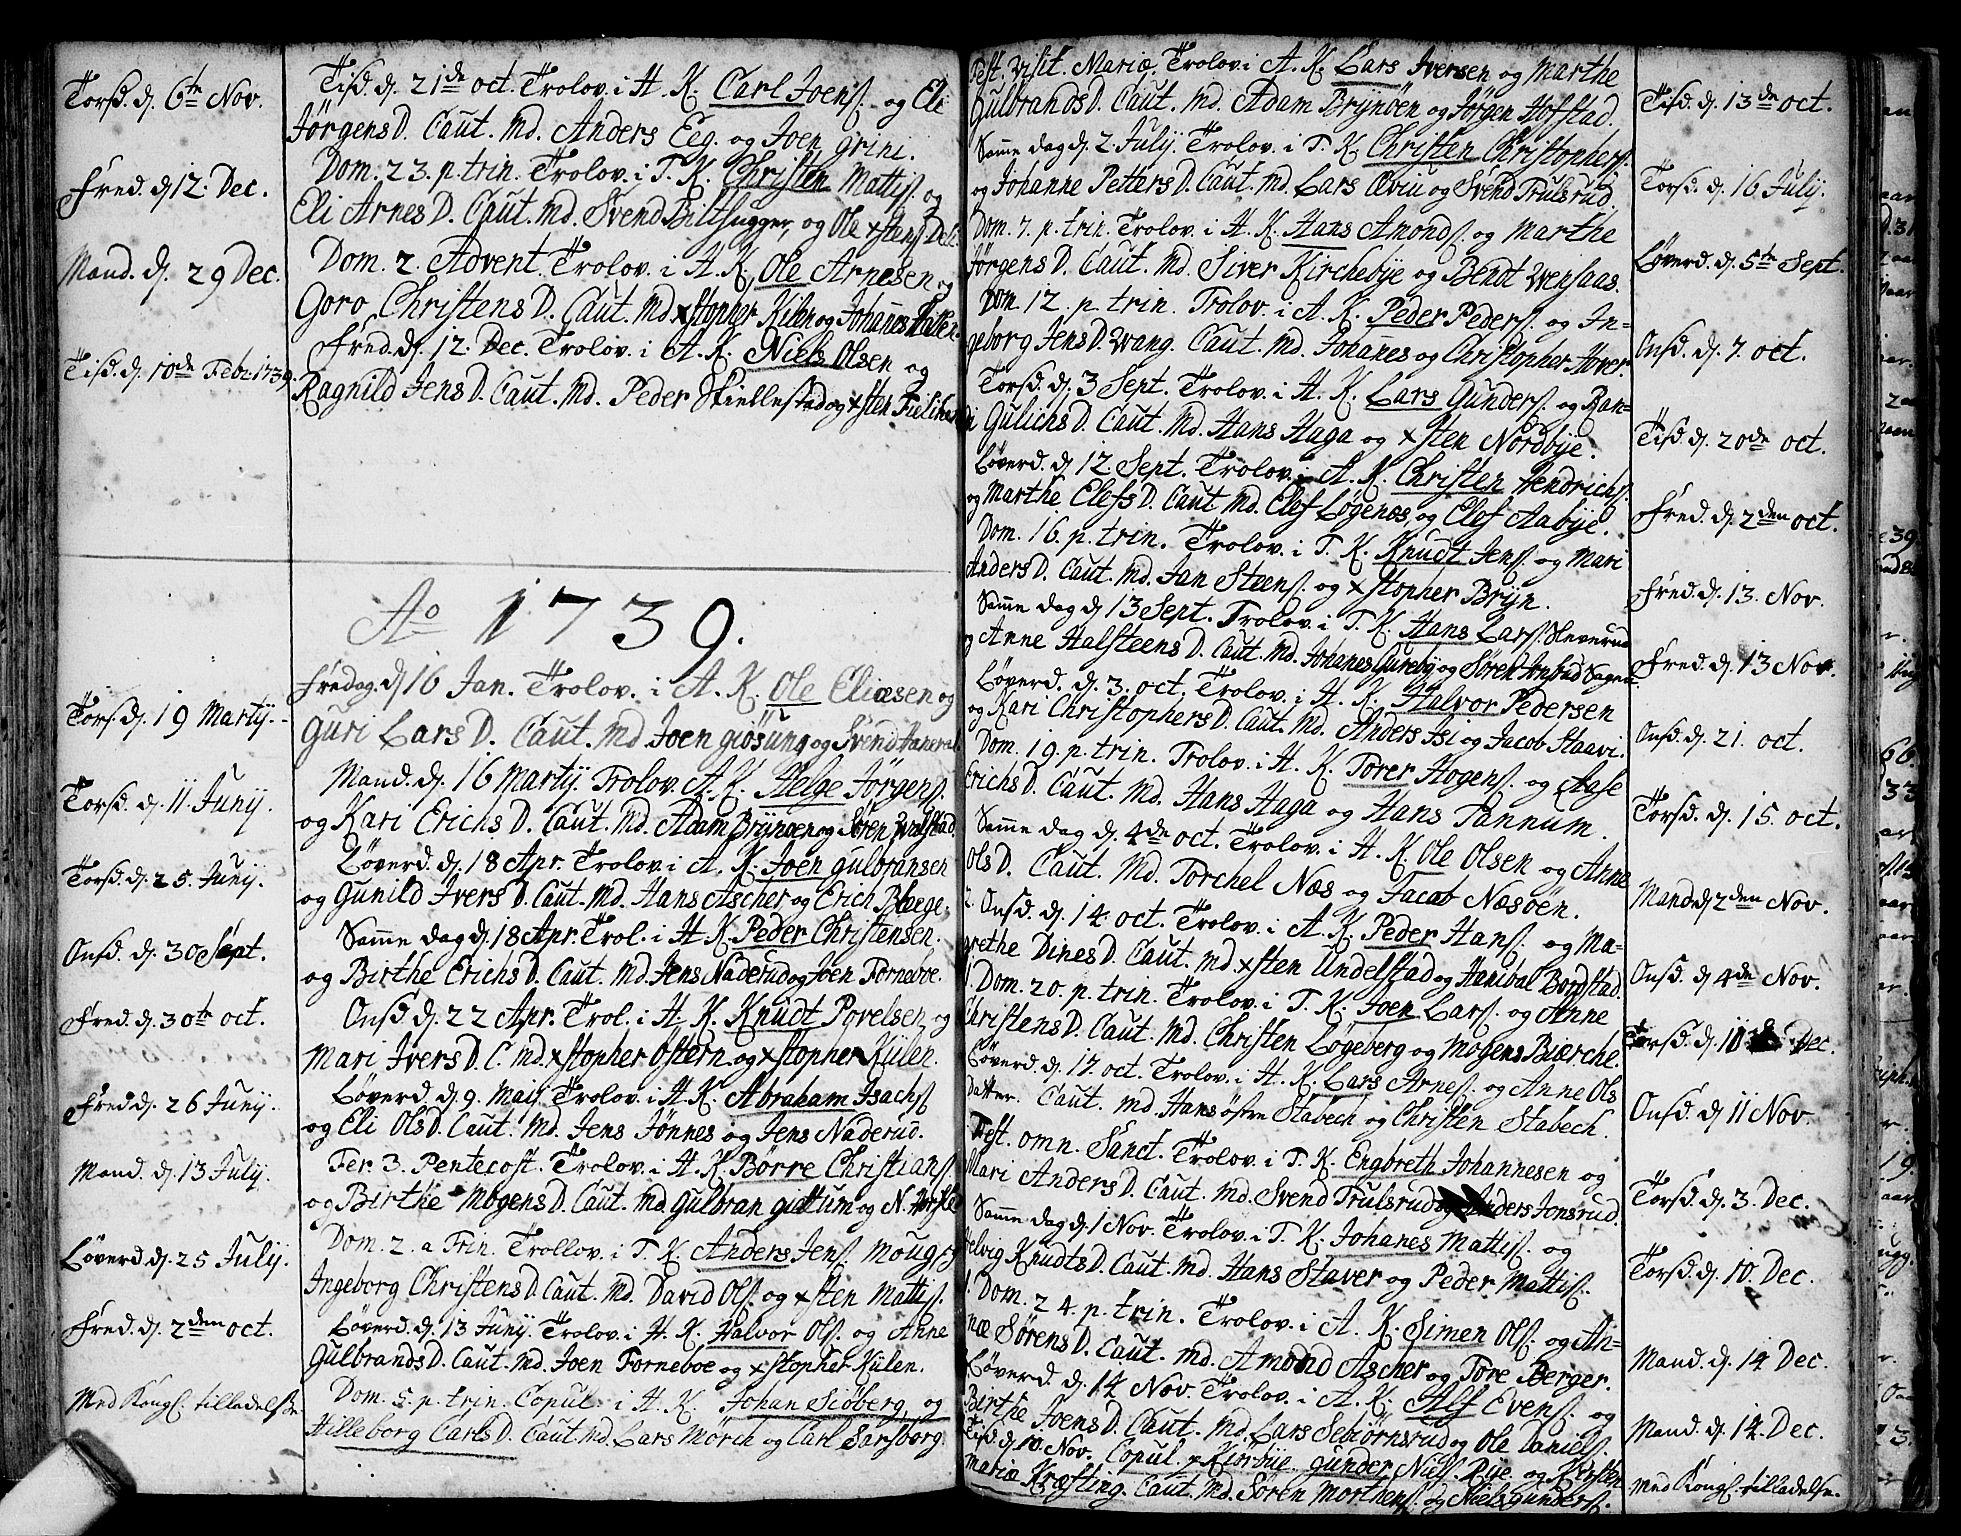 SAO, Asker prestekontor Kirkebøker, F/Fa/L0001: Ministerialbok nr. I 1, 1726-1744, s. 90